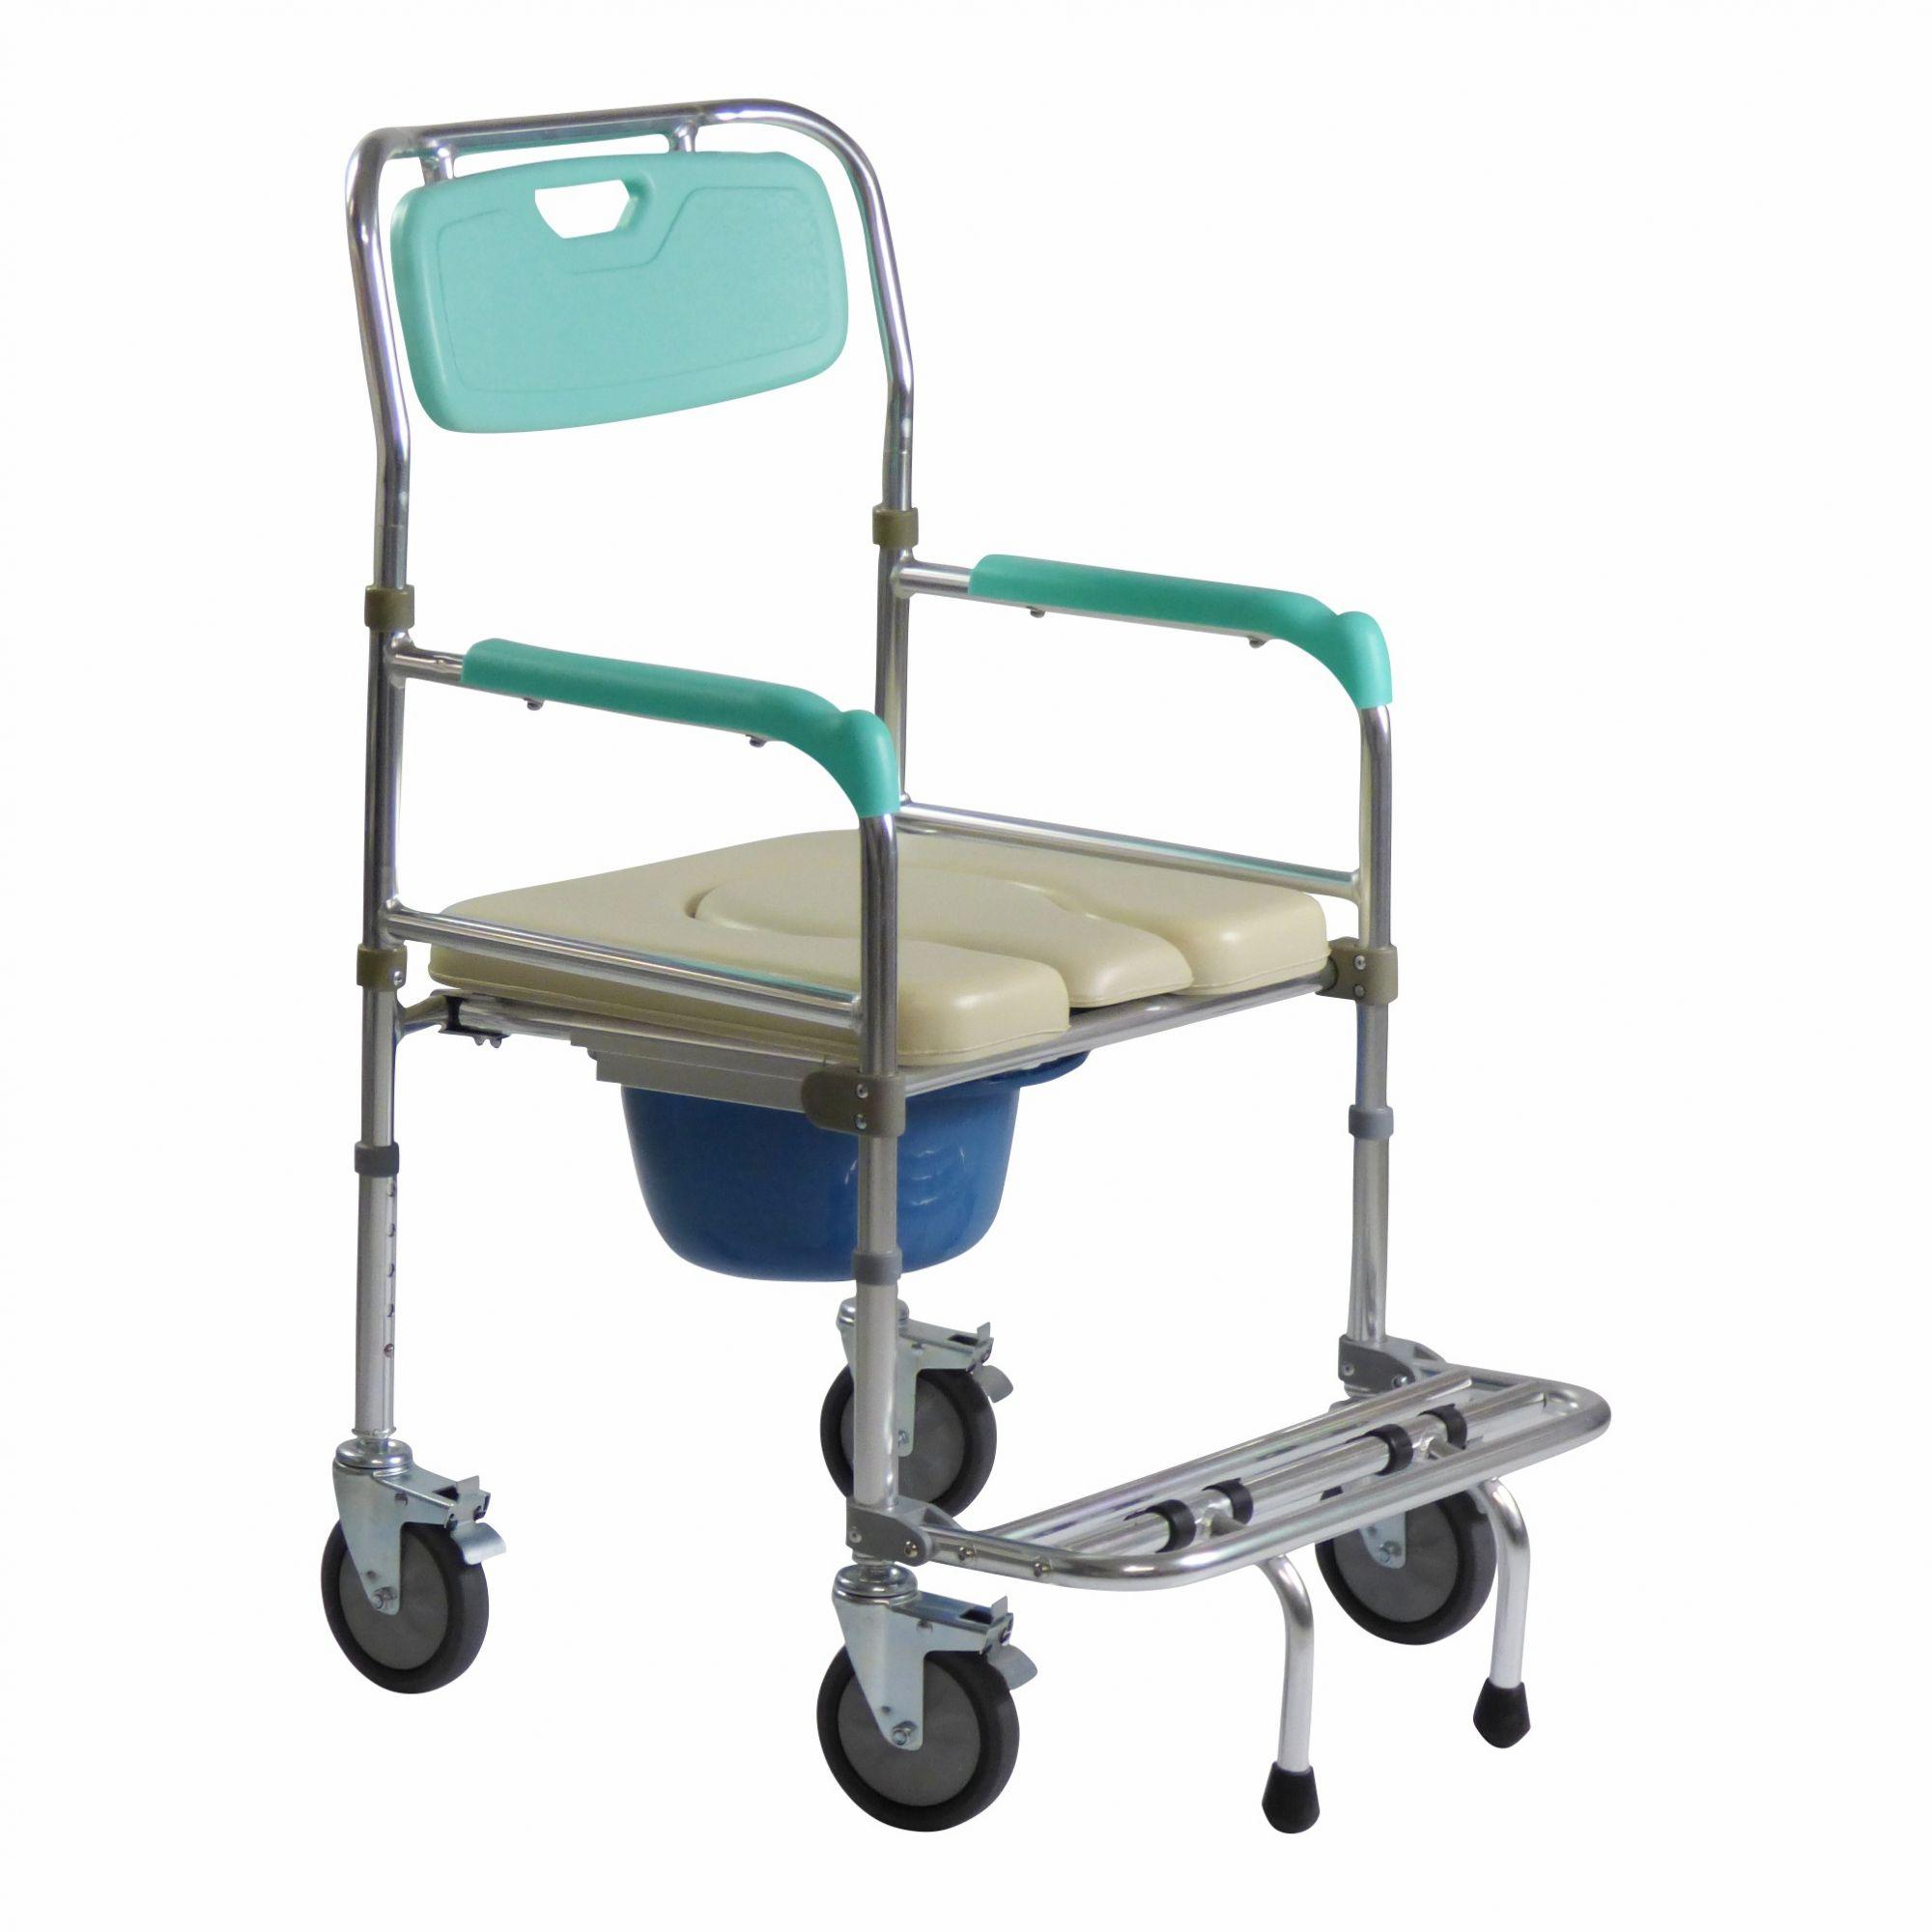 Cadeira de banho em alumínio ZIMEDICAL FST7808WT